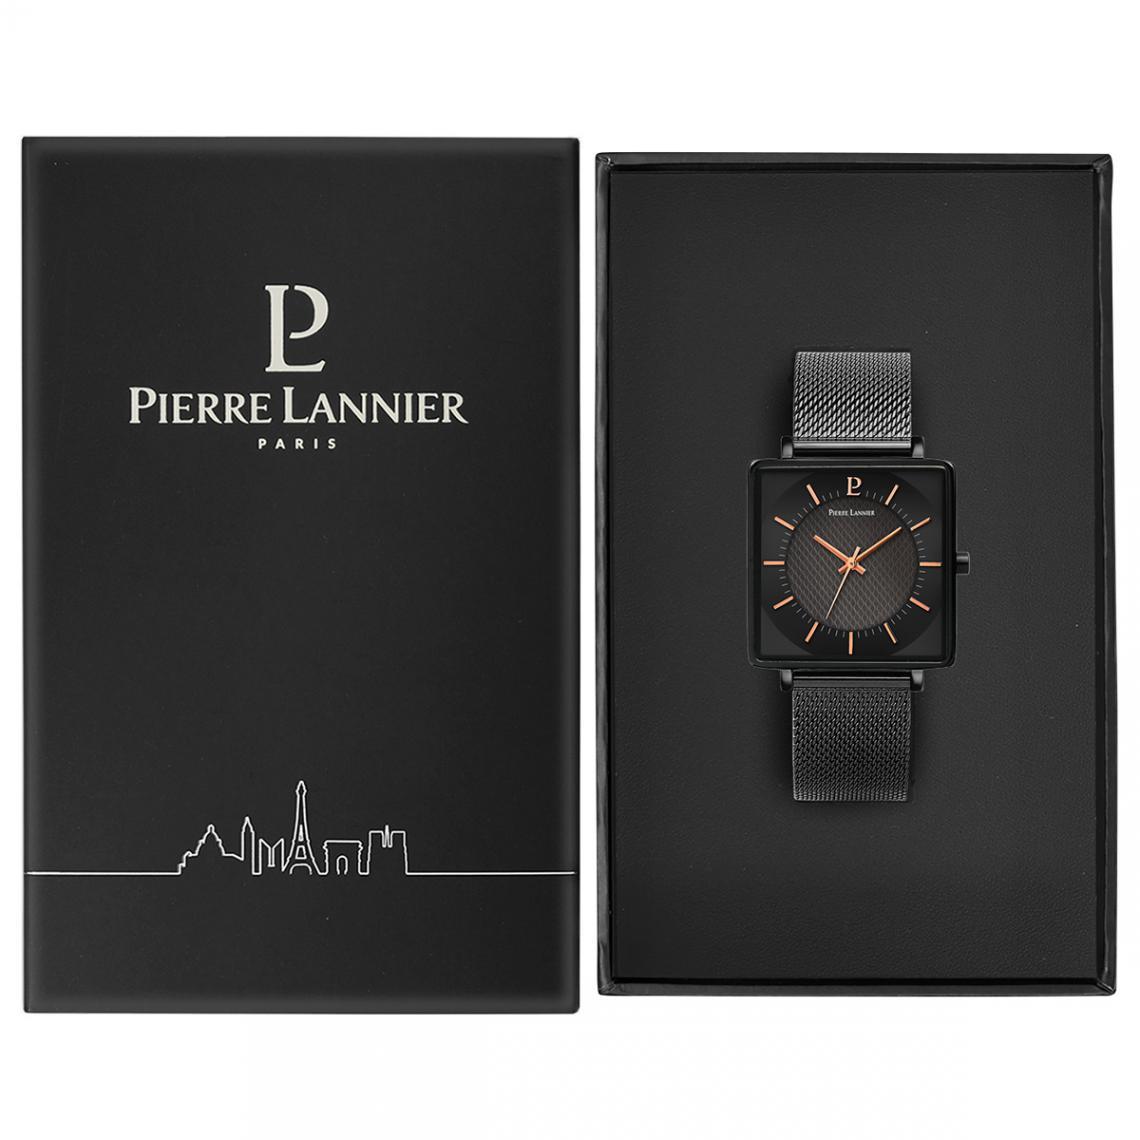 Montre homme Pierre Lannier acier noir boitier carré bracelet milanais